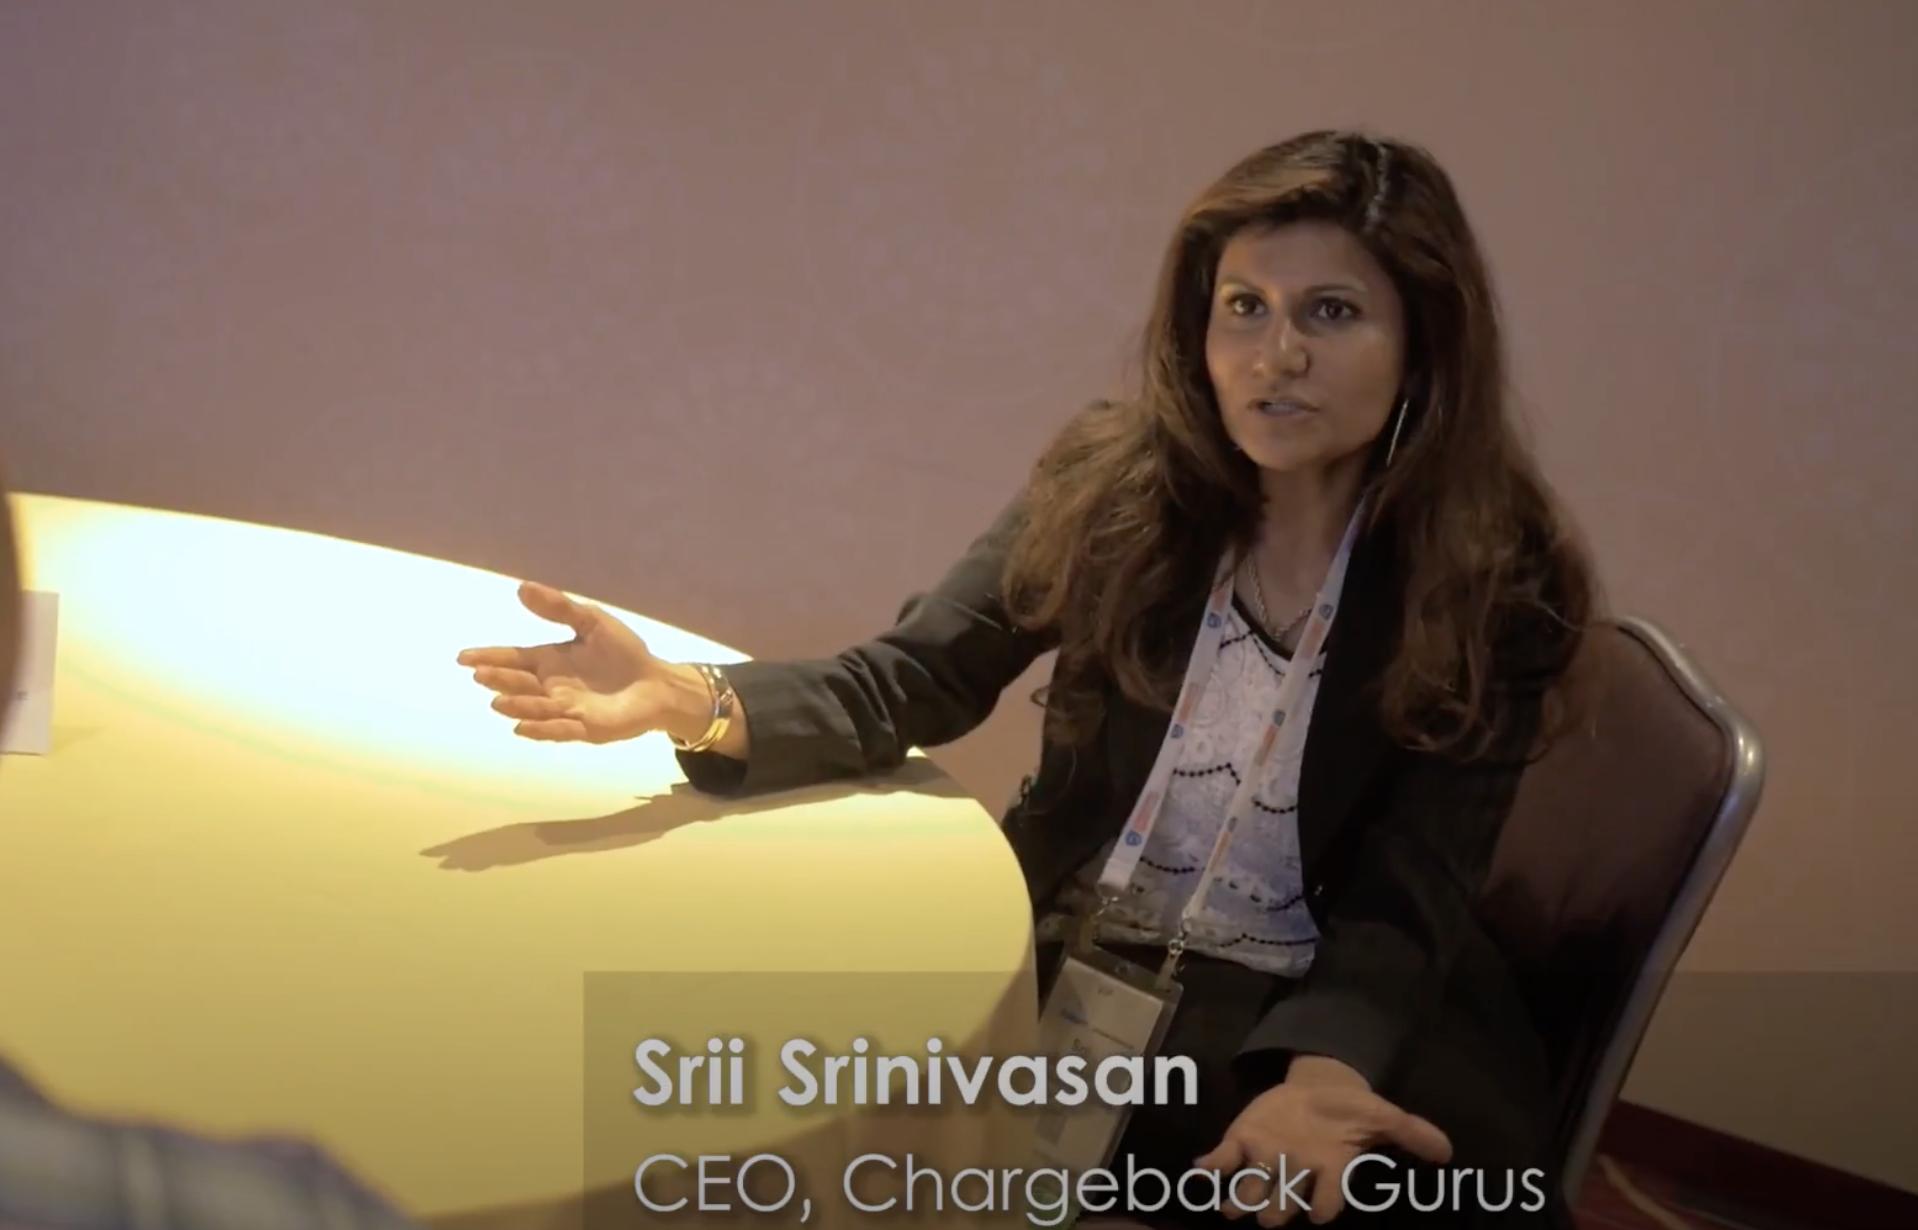 Srii Srinivasan | TITAN Business Awards